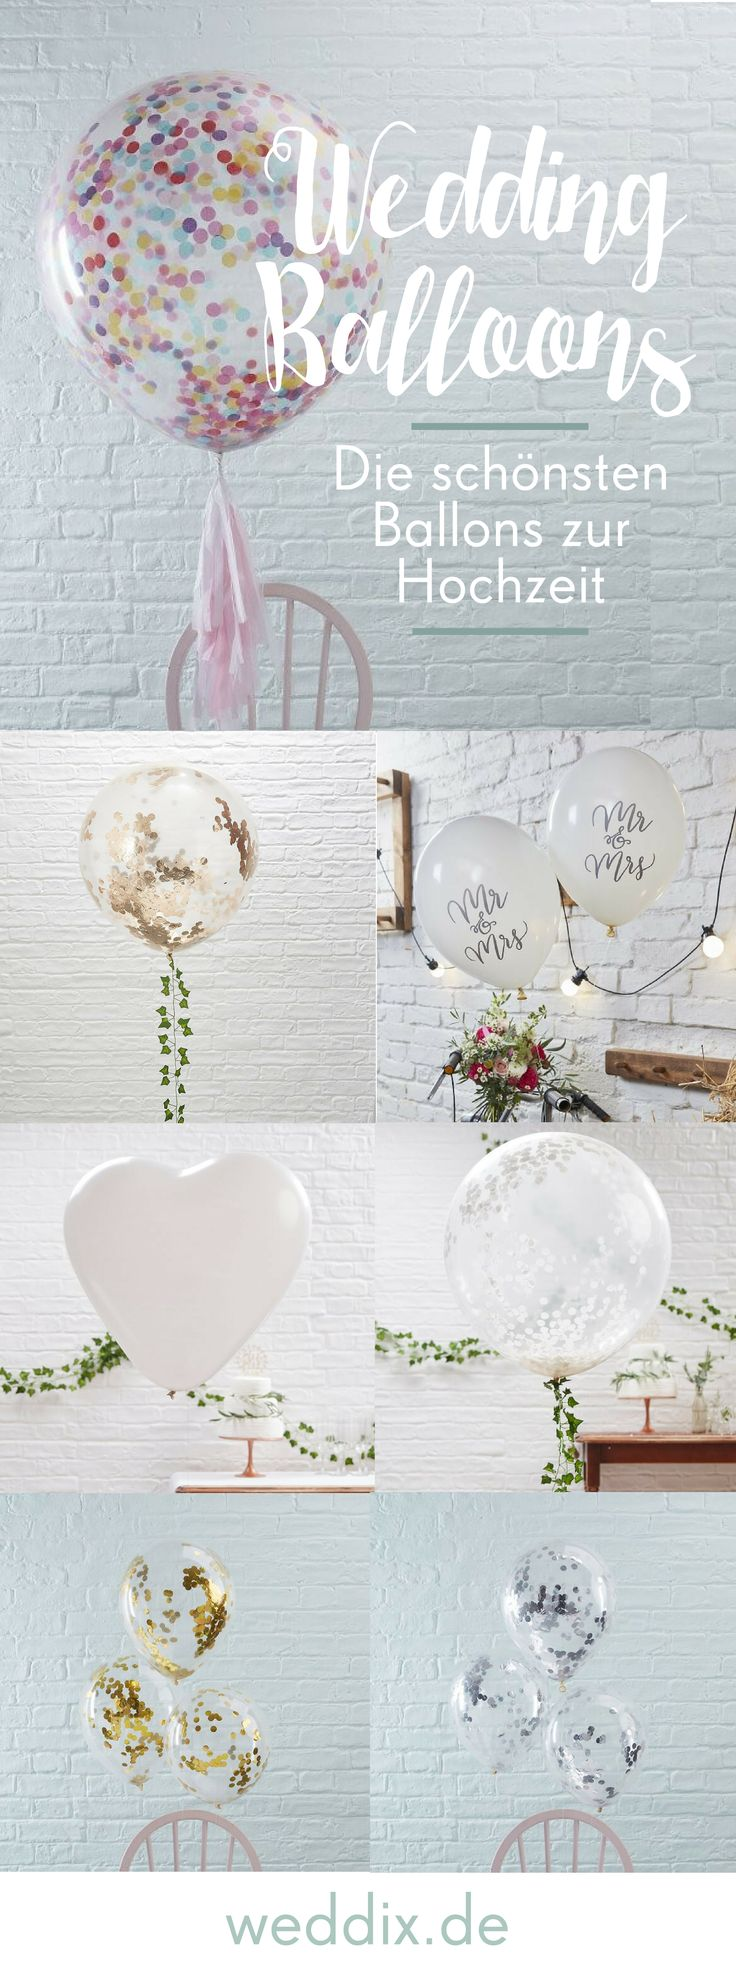 Ballons zur Hochzeit – weddix